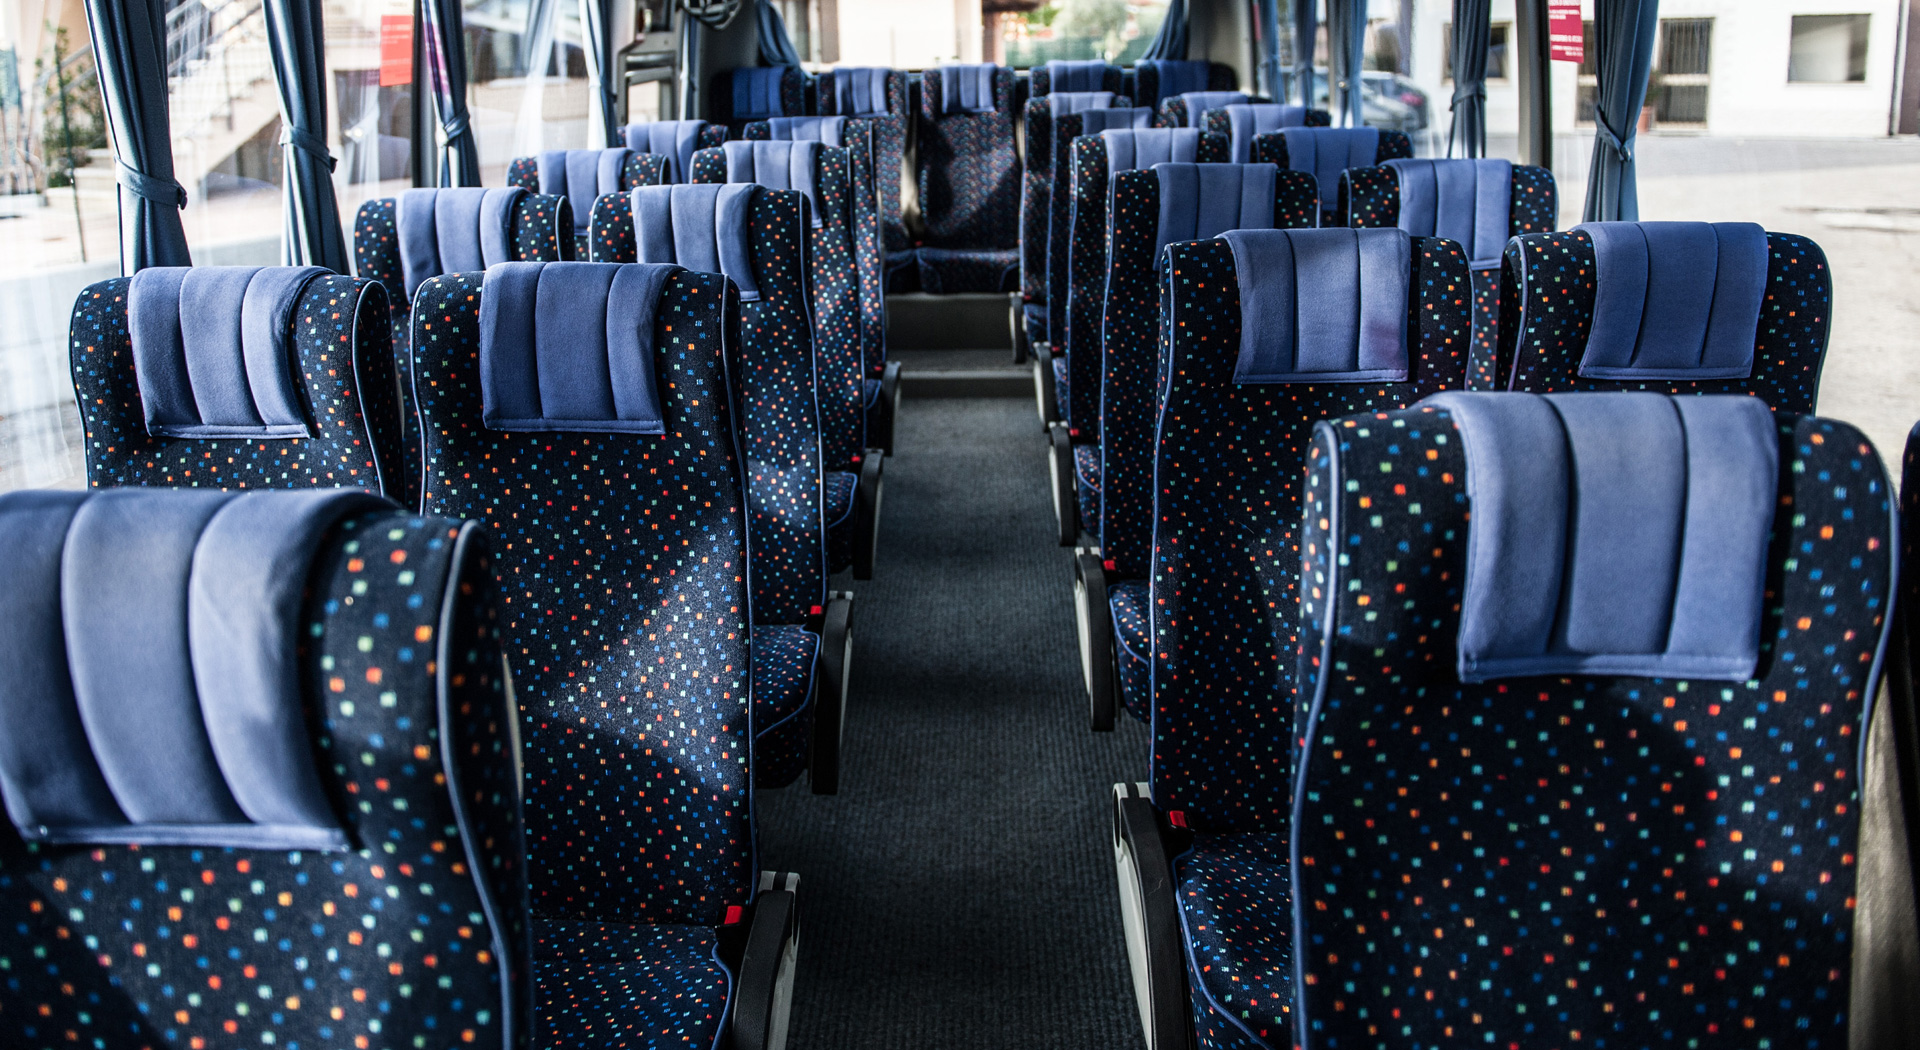 Pasqualini Autobus Verona - Isuzu Turquoise 2